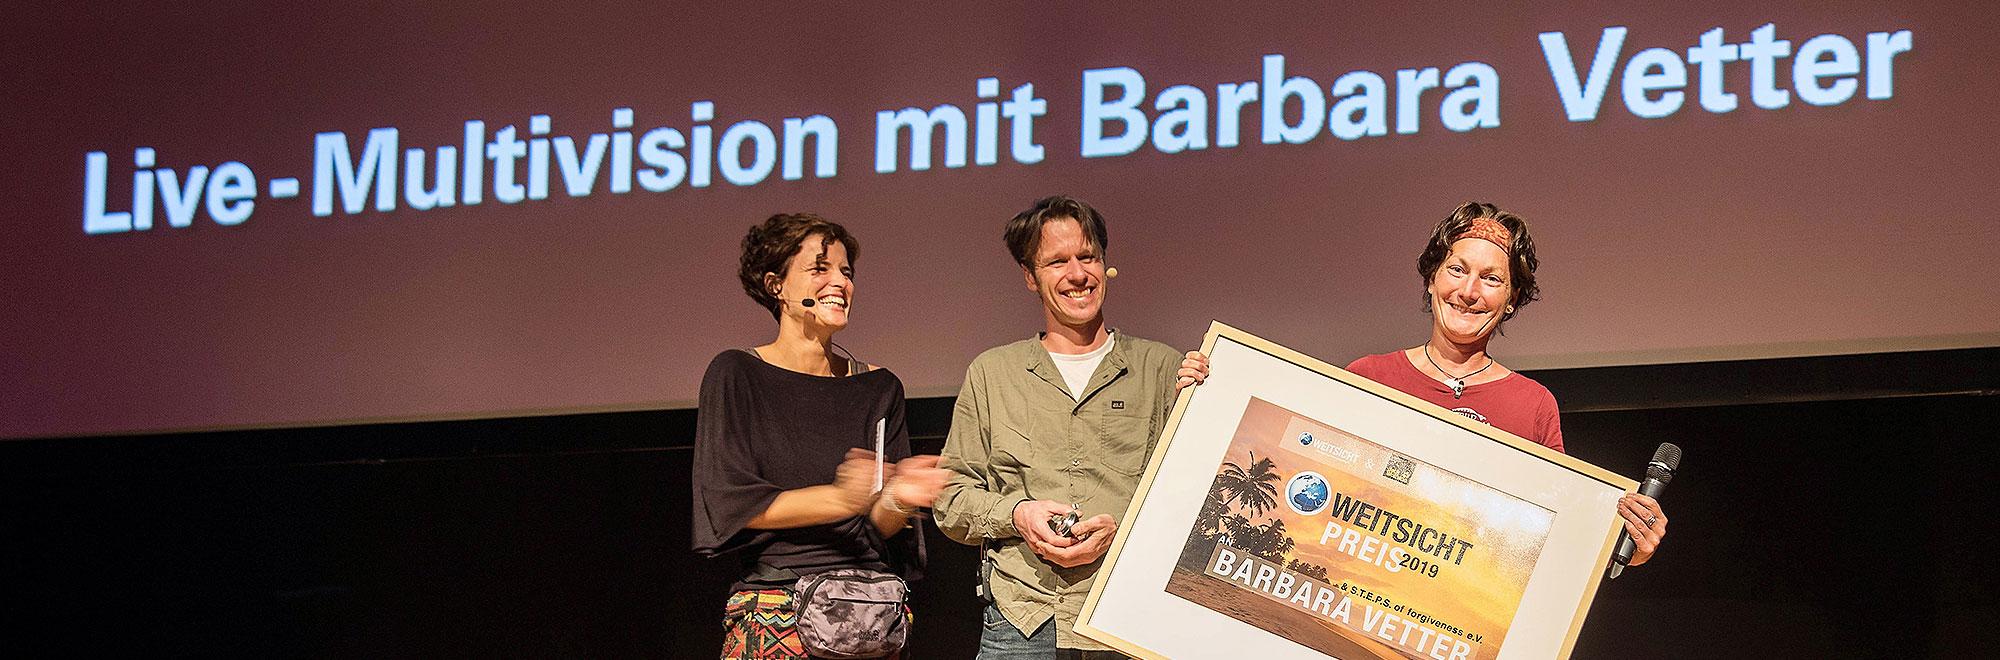 Weitsicht-Preisverleihung zum Festival in Darmstadt, 2019